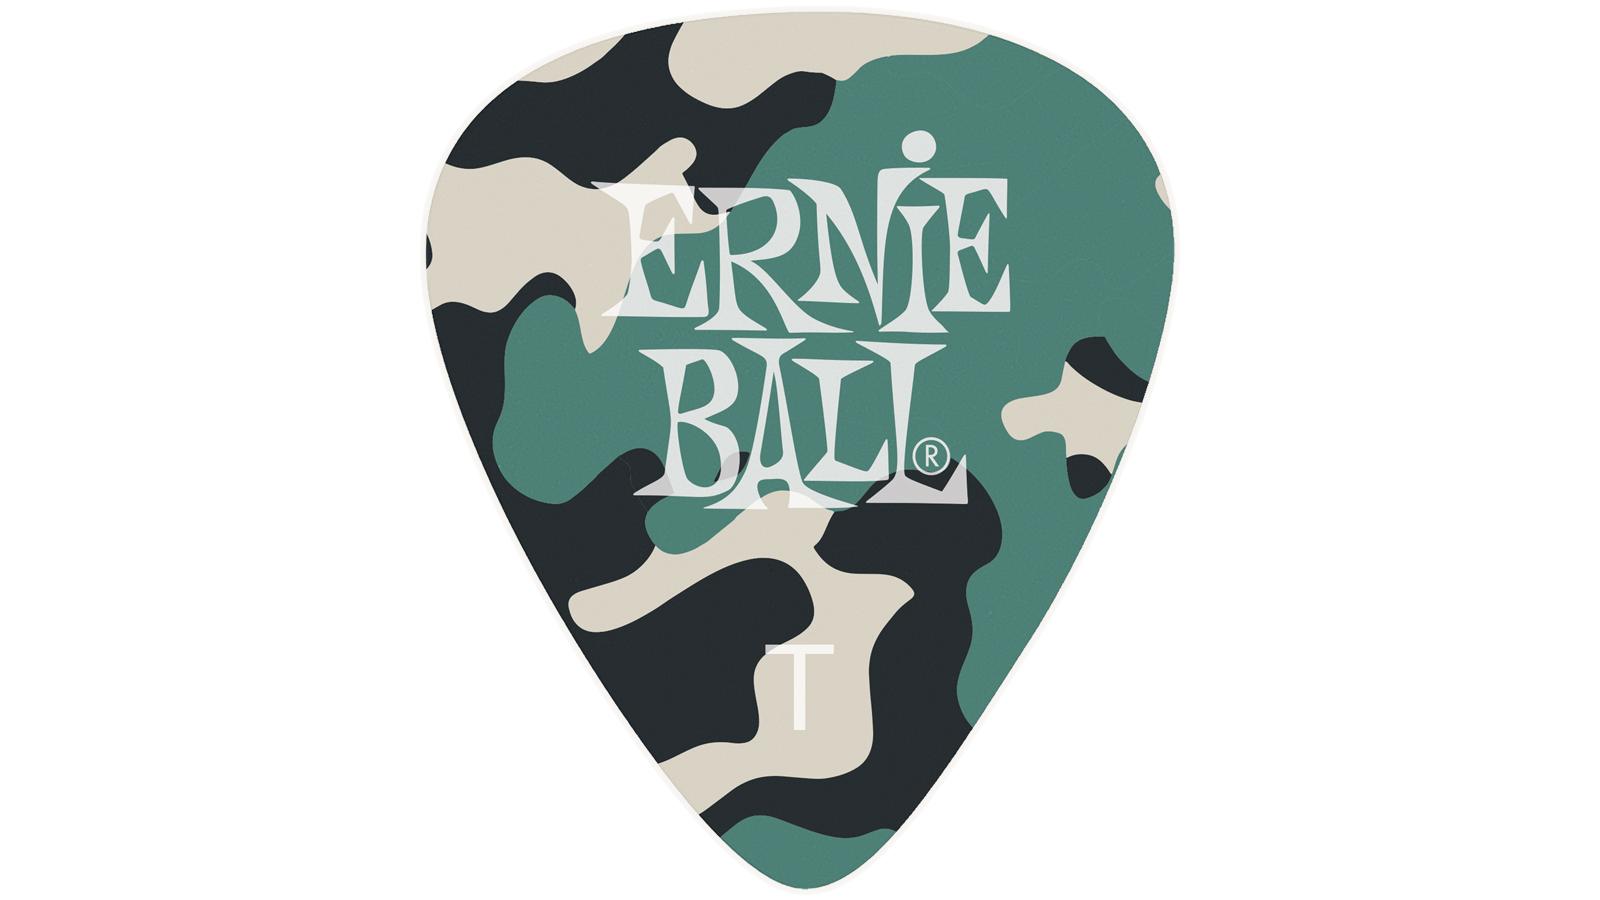 Ernie Ball EB9221 Celluliod Picks Camo 12er Thin